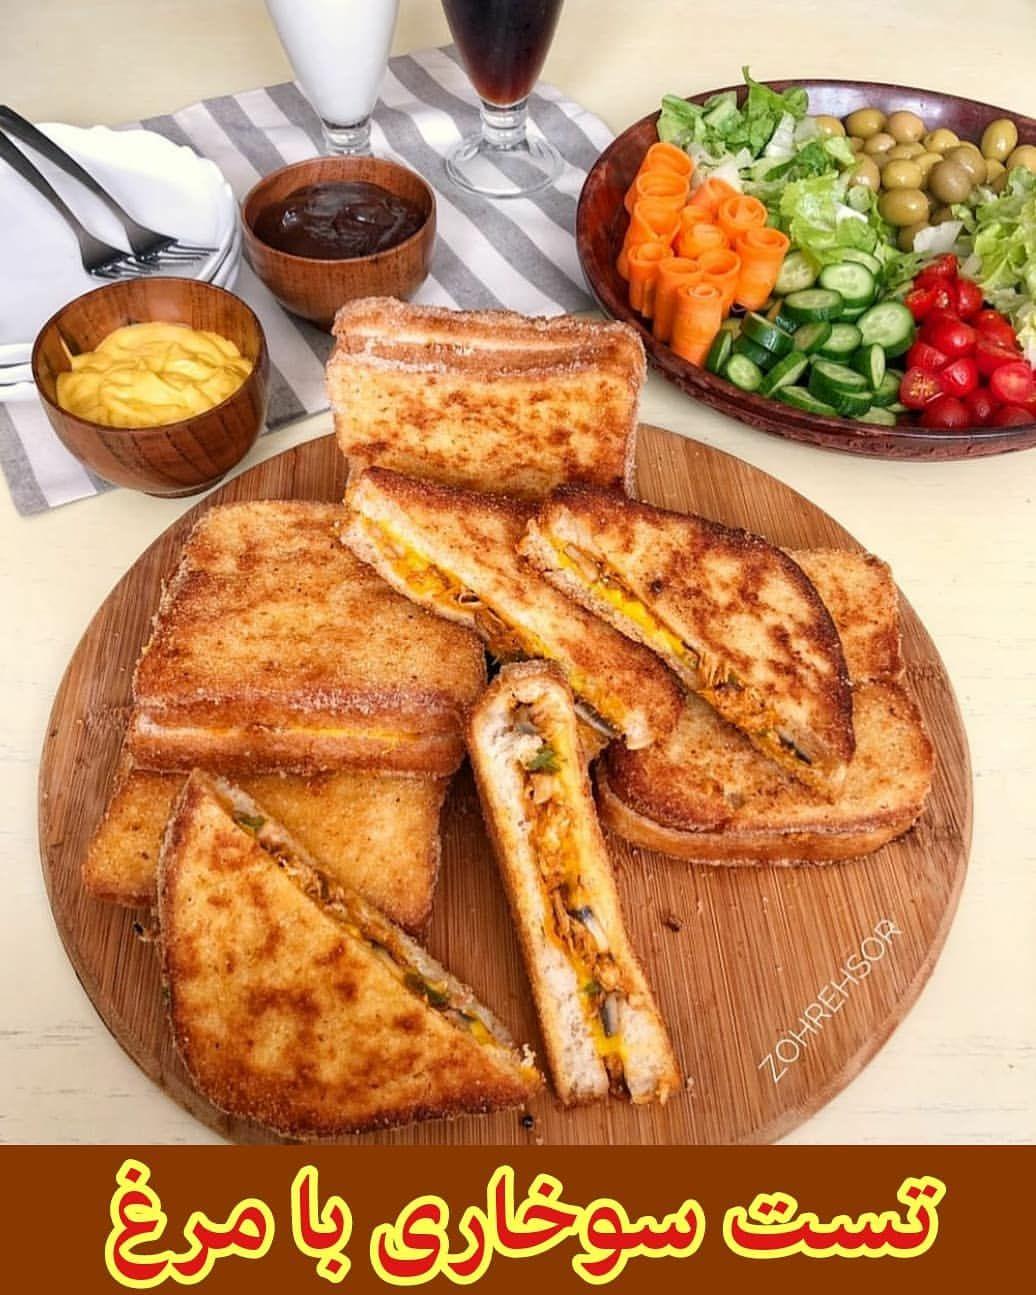 آشپزی کیک دسر شیرینی On Instagram یه ناهار خیلی راحت و خوشمزه تست سوخاری با مرغ موادلازم نصف سینه ی مرغ فلفل دلمه یک عدد پیاز ی Iran Food Recipes Food